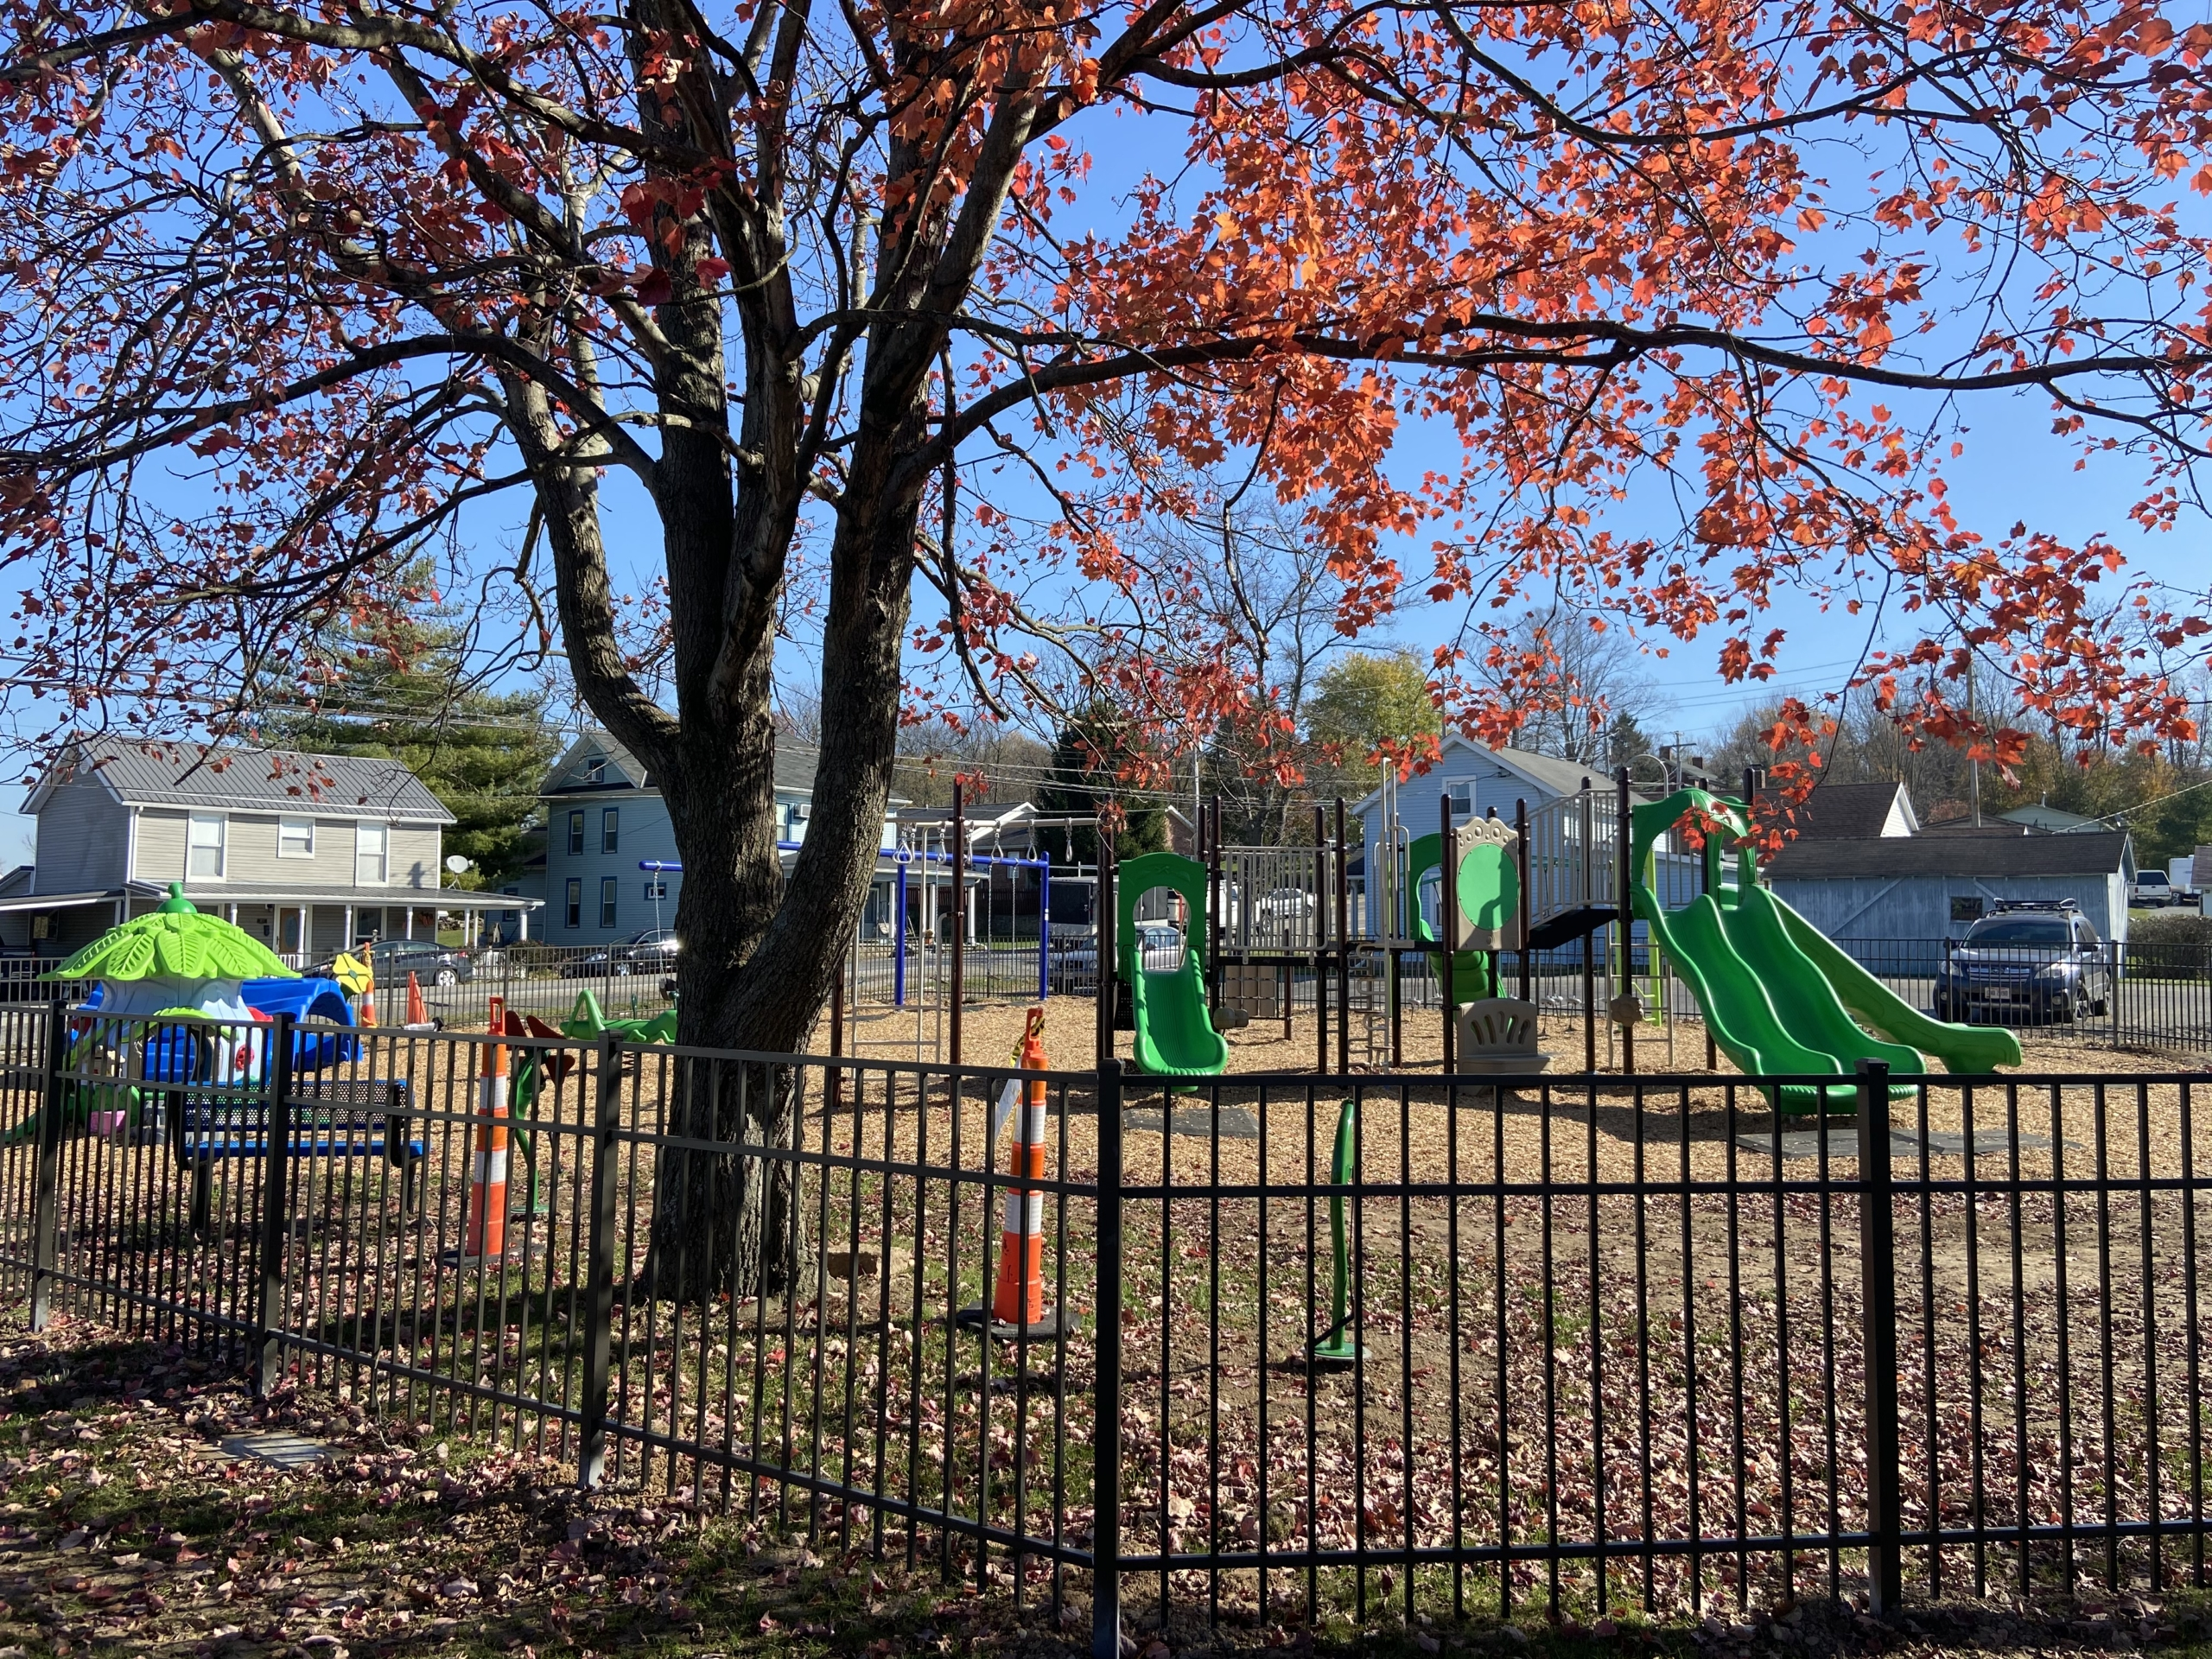 Clarksville Playground Grant Recipient